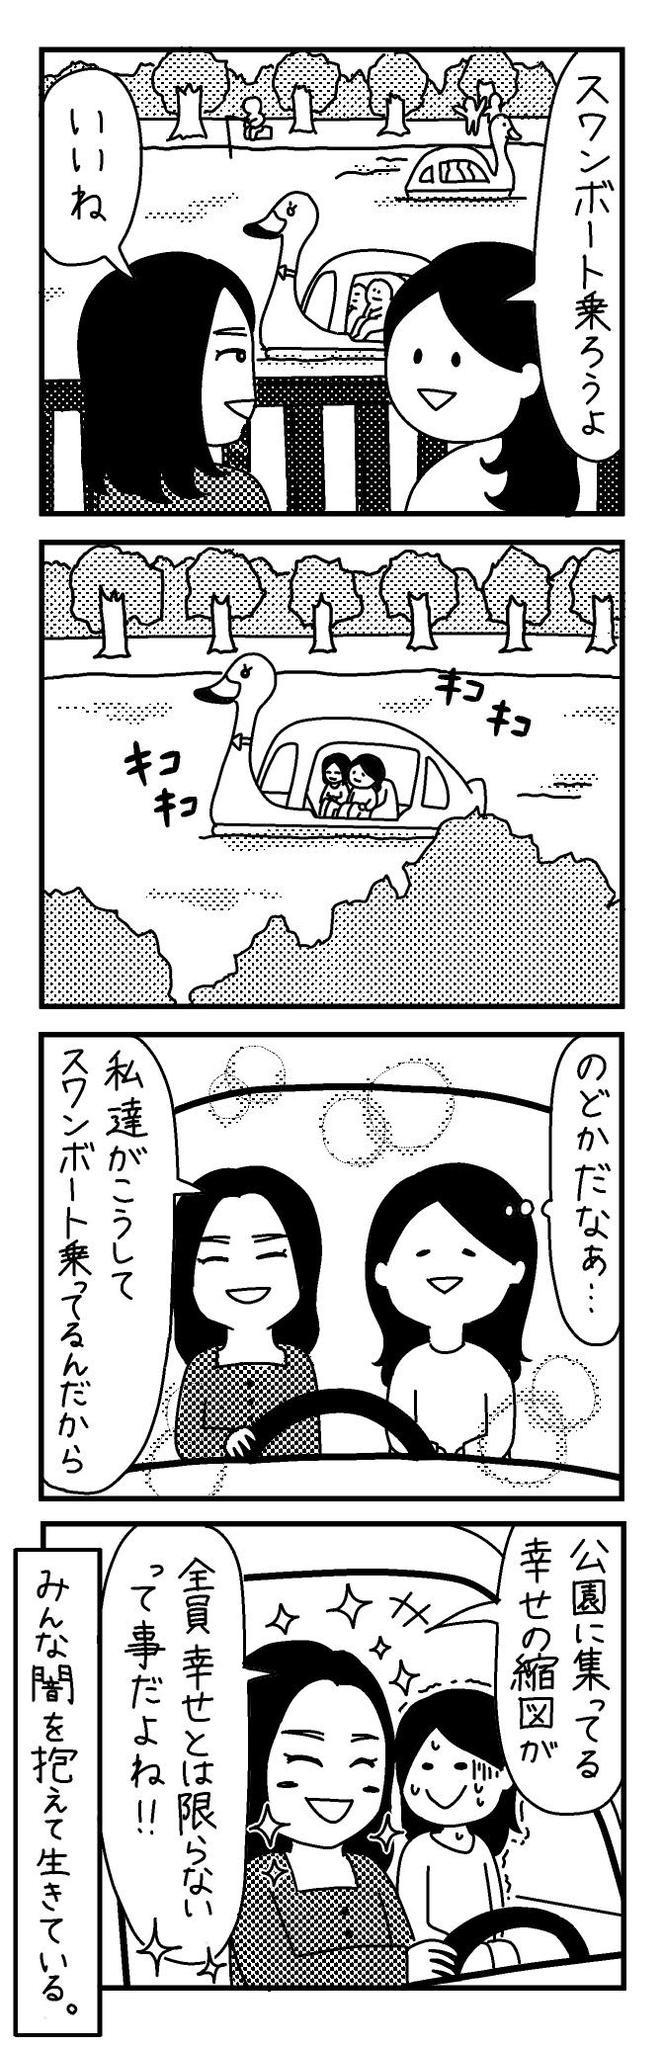 【4コマ漫画】第22回「ビクトリアな日々」作:ビクトリアブラディーヌ